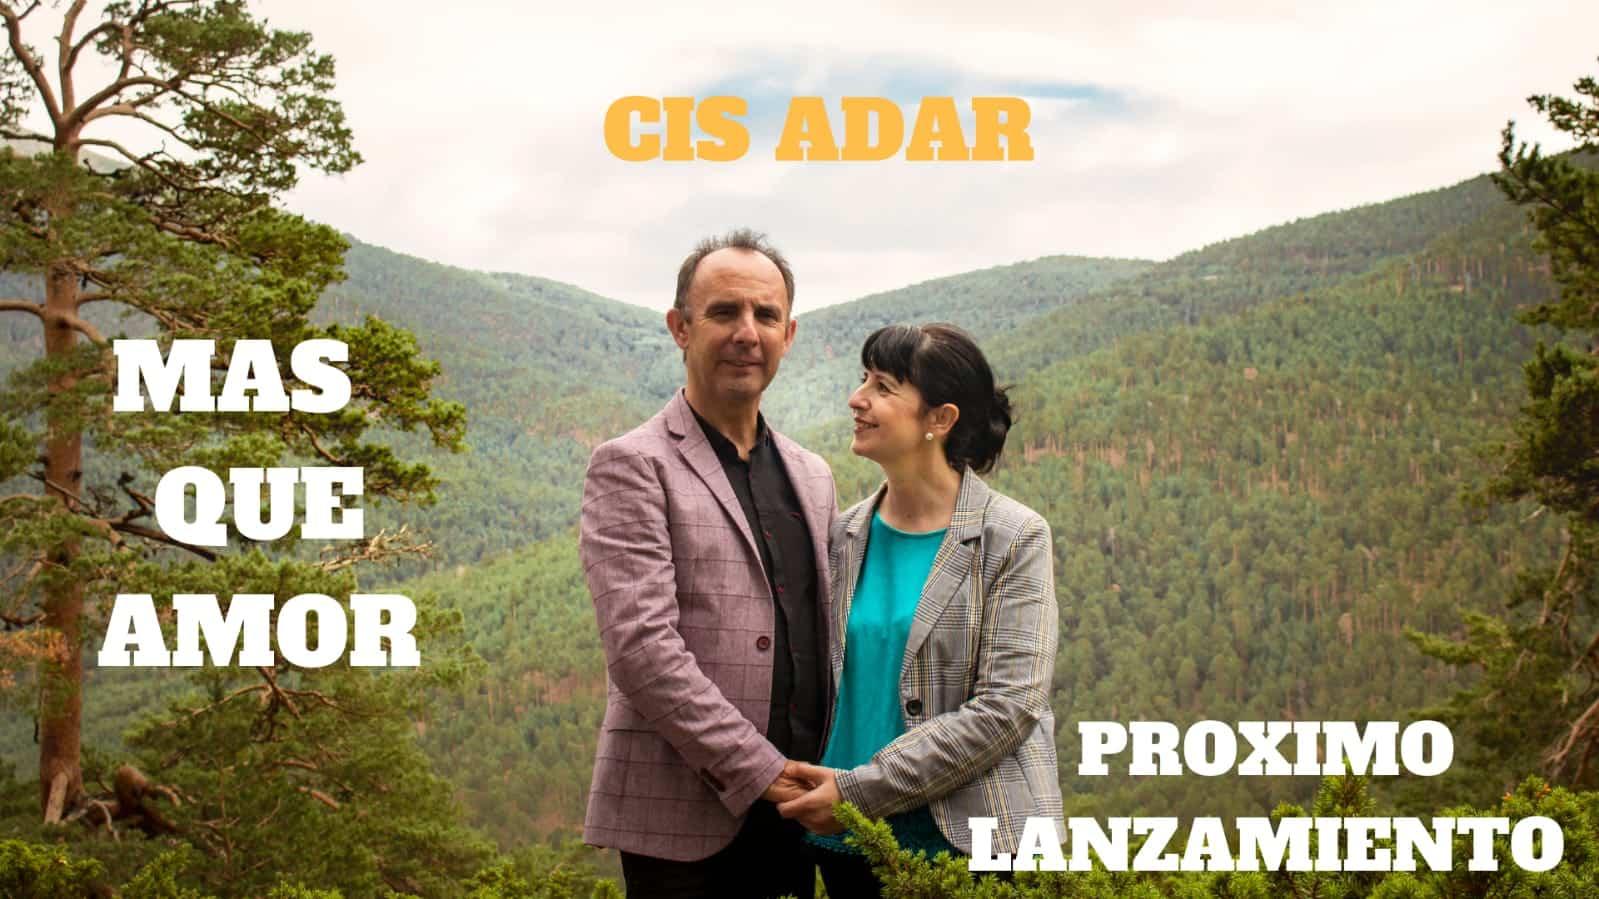 Miguel y Mariavi Cis Adar - Nuevo concierto de Cis Adar en Las Labores